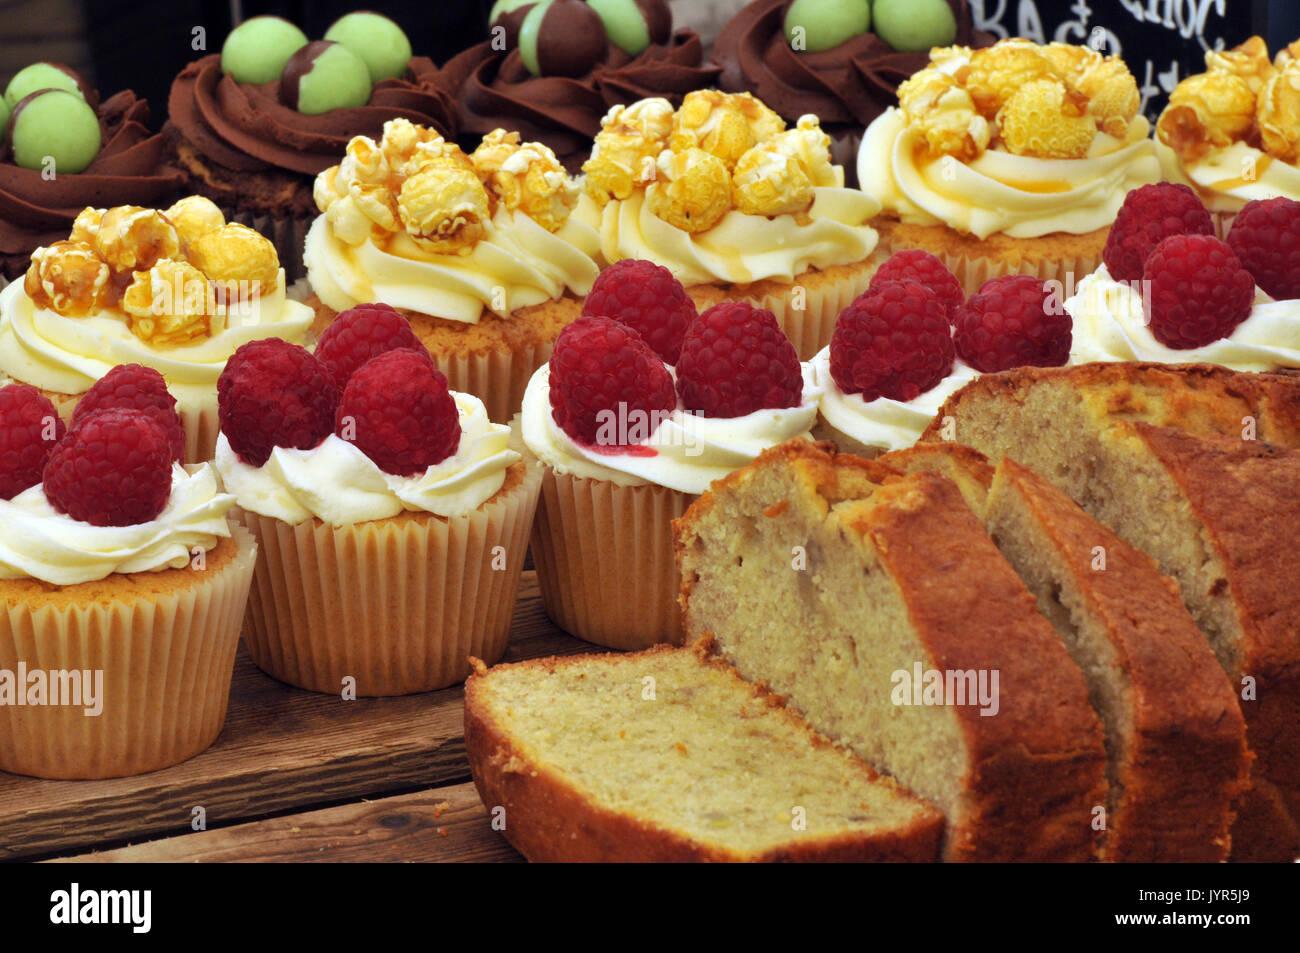 Alcune senza glutine appiccicoso e Crema ghiacciata torte di glassa sul display su un cavalletto di torta dolce zuccherino di produrre per la vendita molto tentati di dessert e dolci Immagini Stock